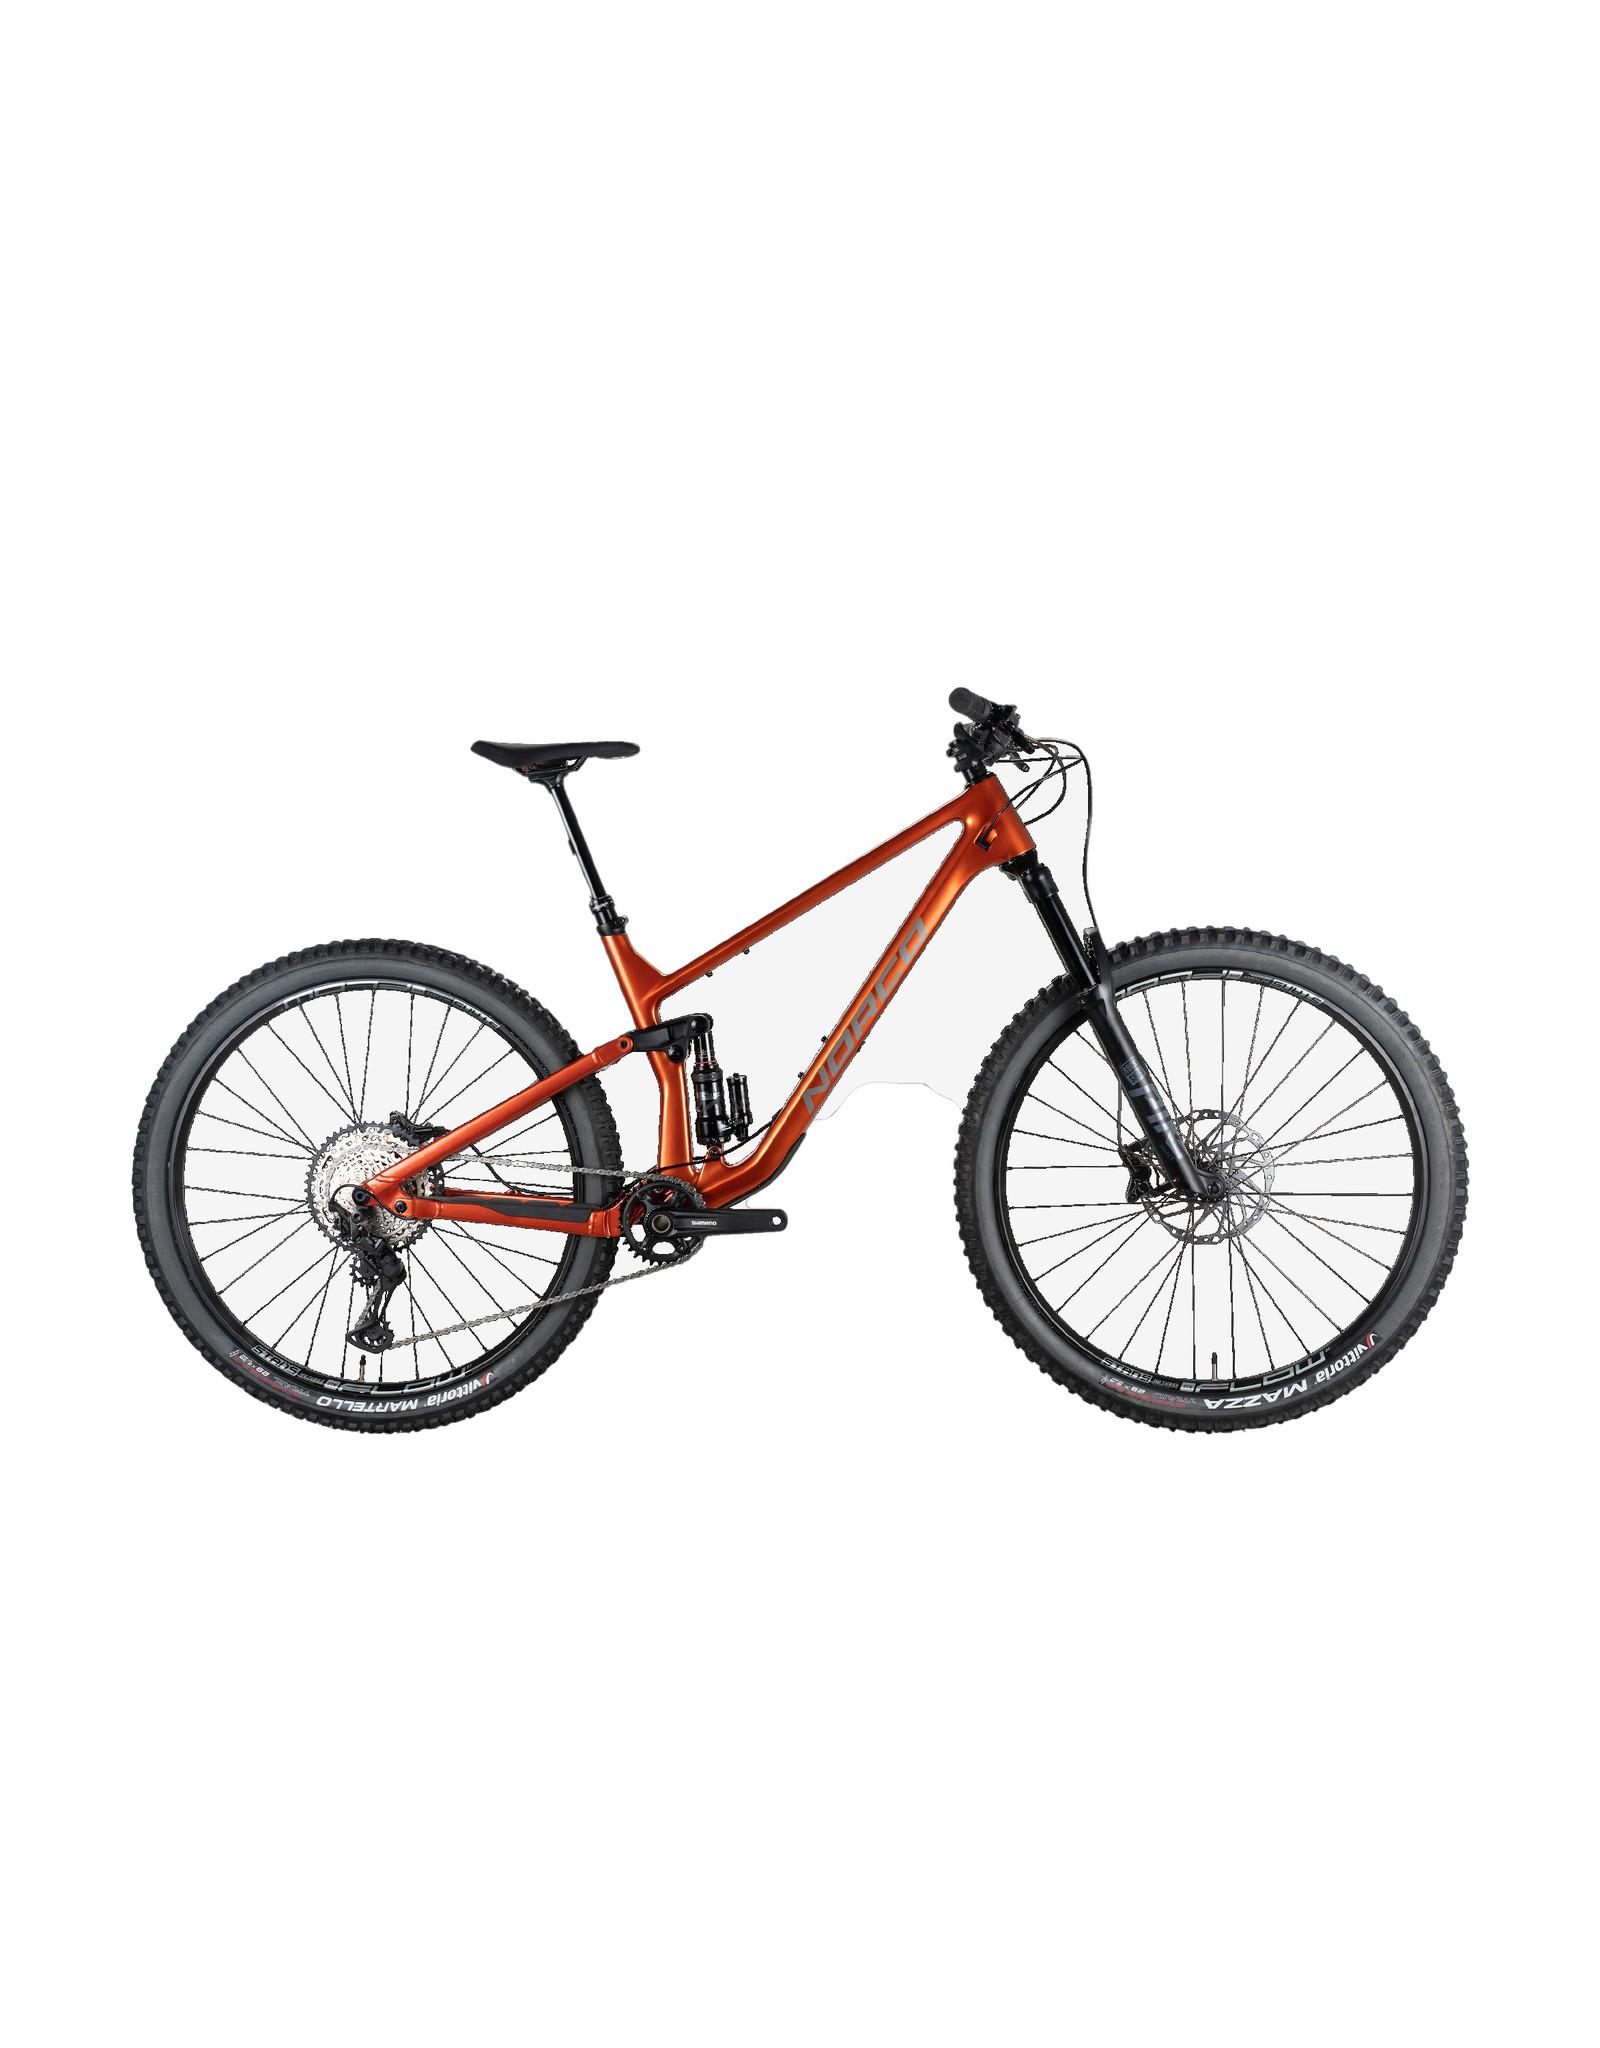 Norco Vélo Norco Optic C3 (29) 2021